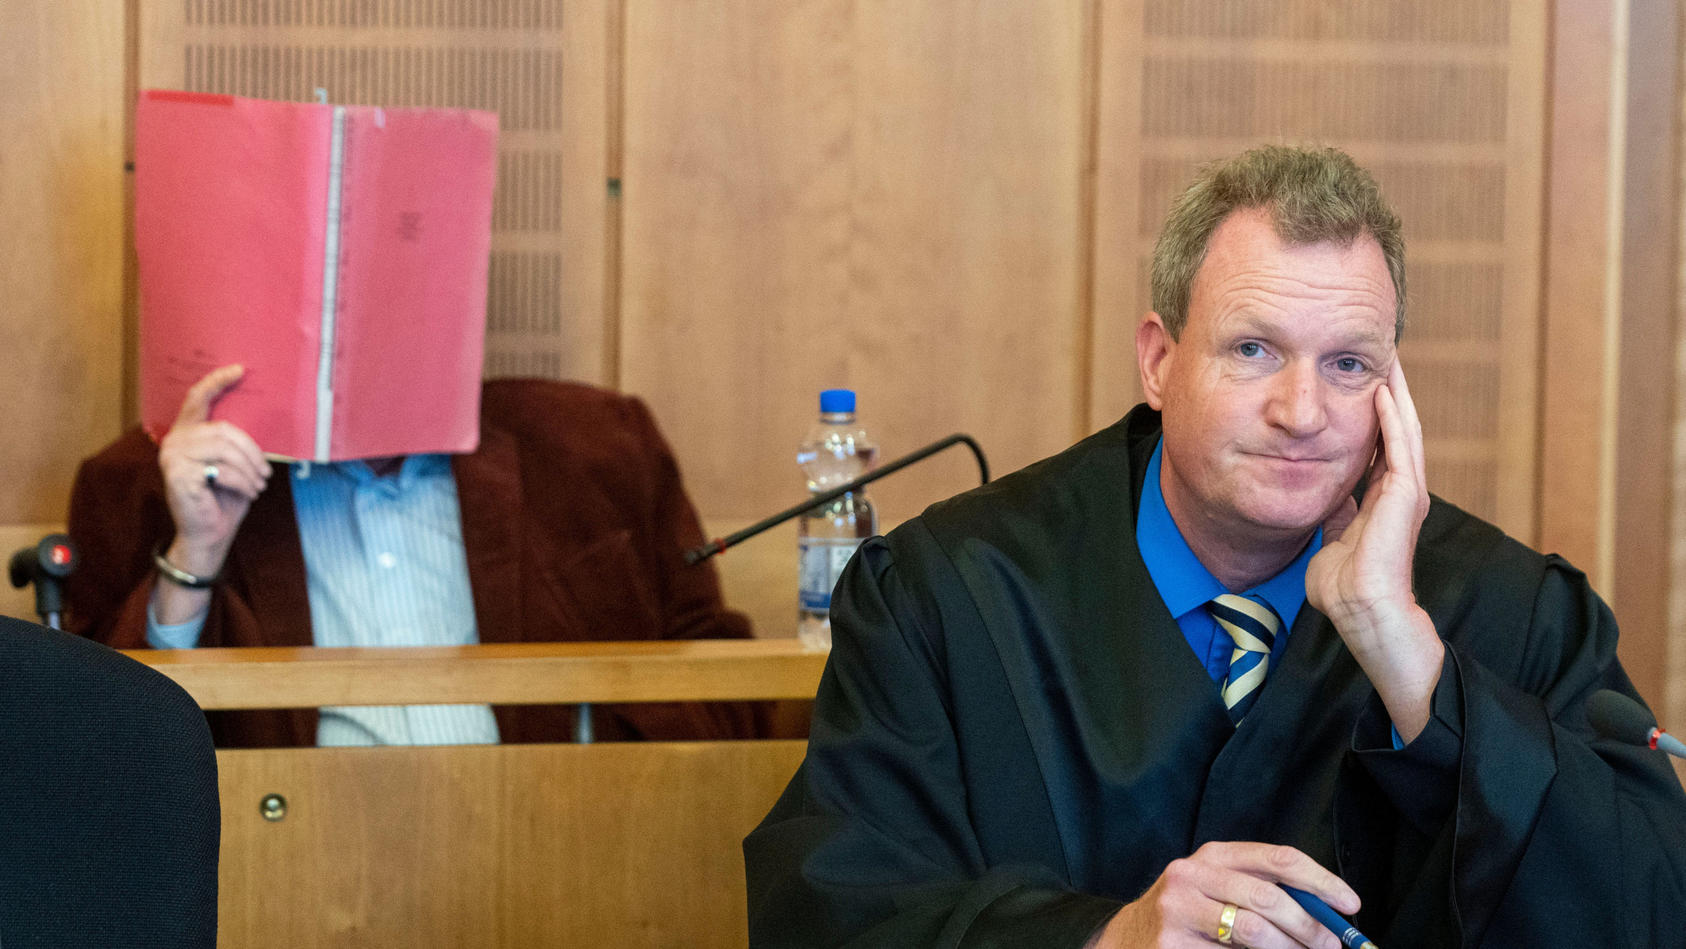 Der Angeklagte (hinten) sitzt mit seinem vor Prozessbeginn im Gerichtssaal des Landgerichts Krefeld.